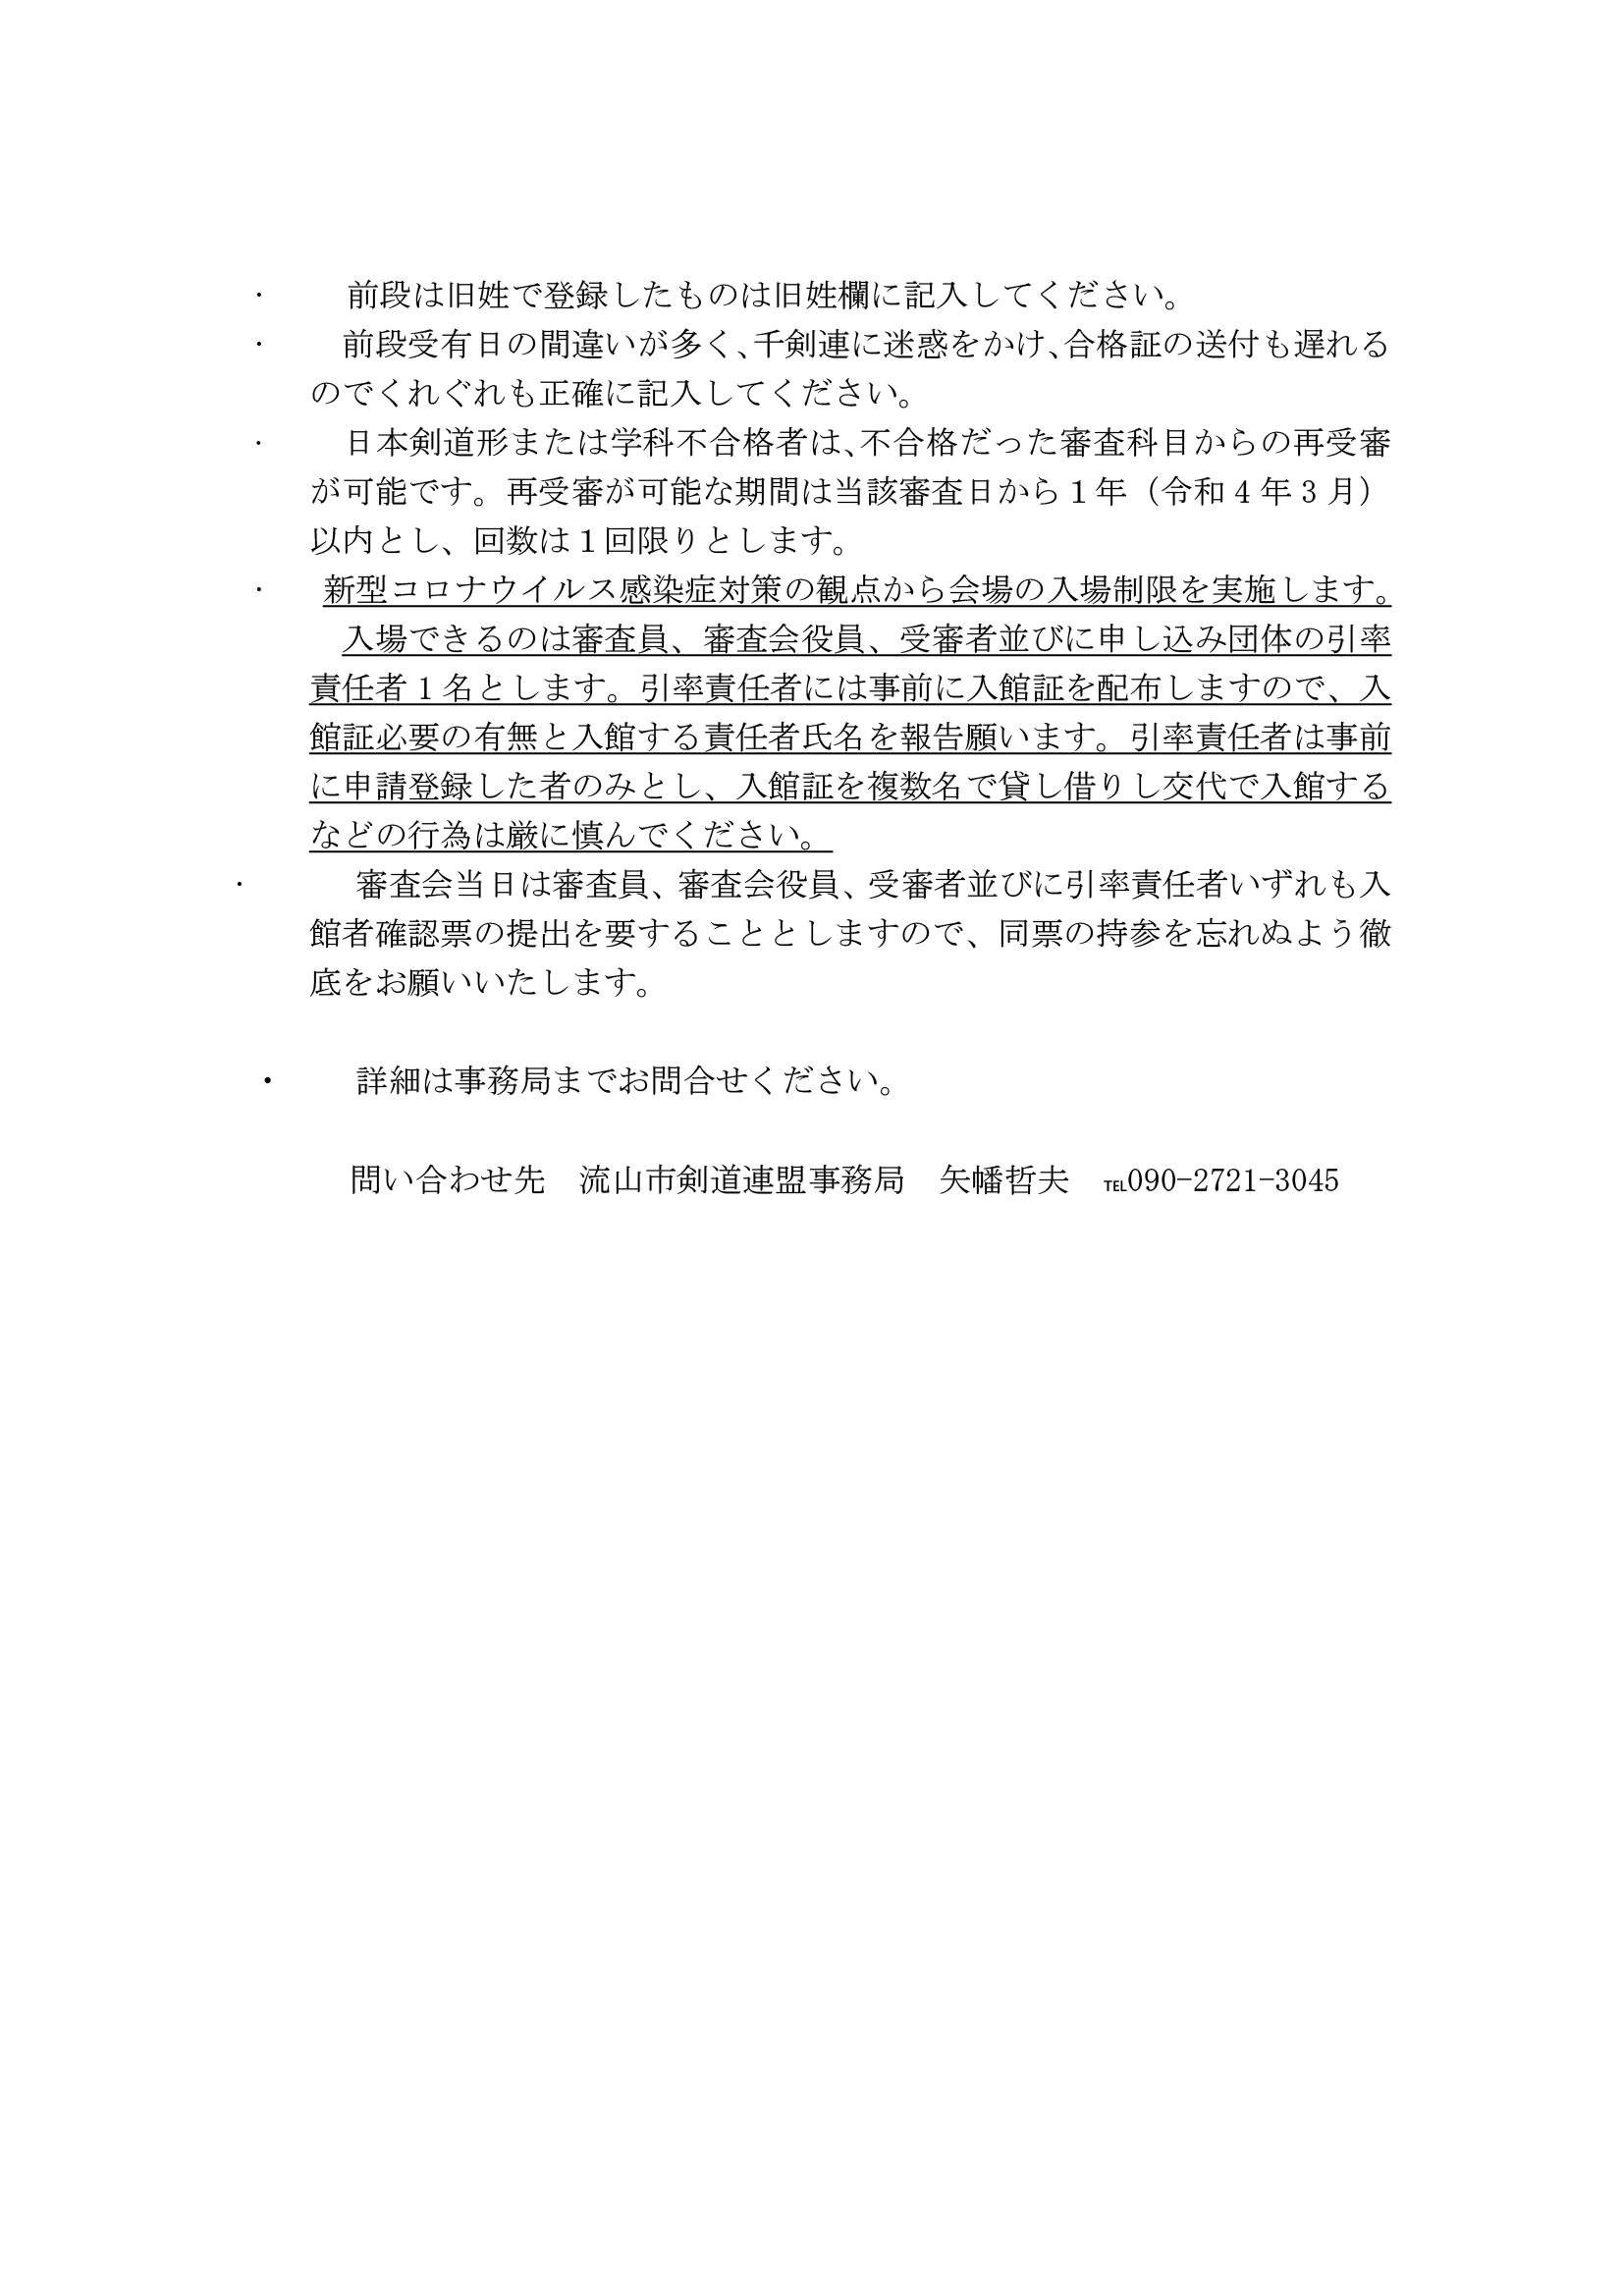 2021.3.28松戸会場通知_0004